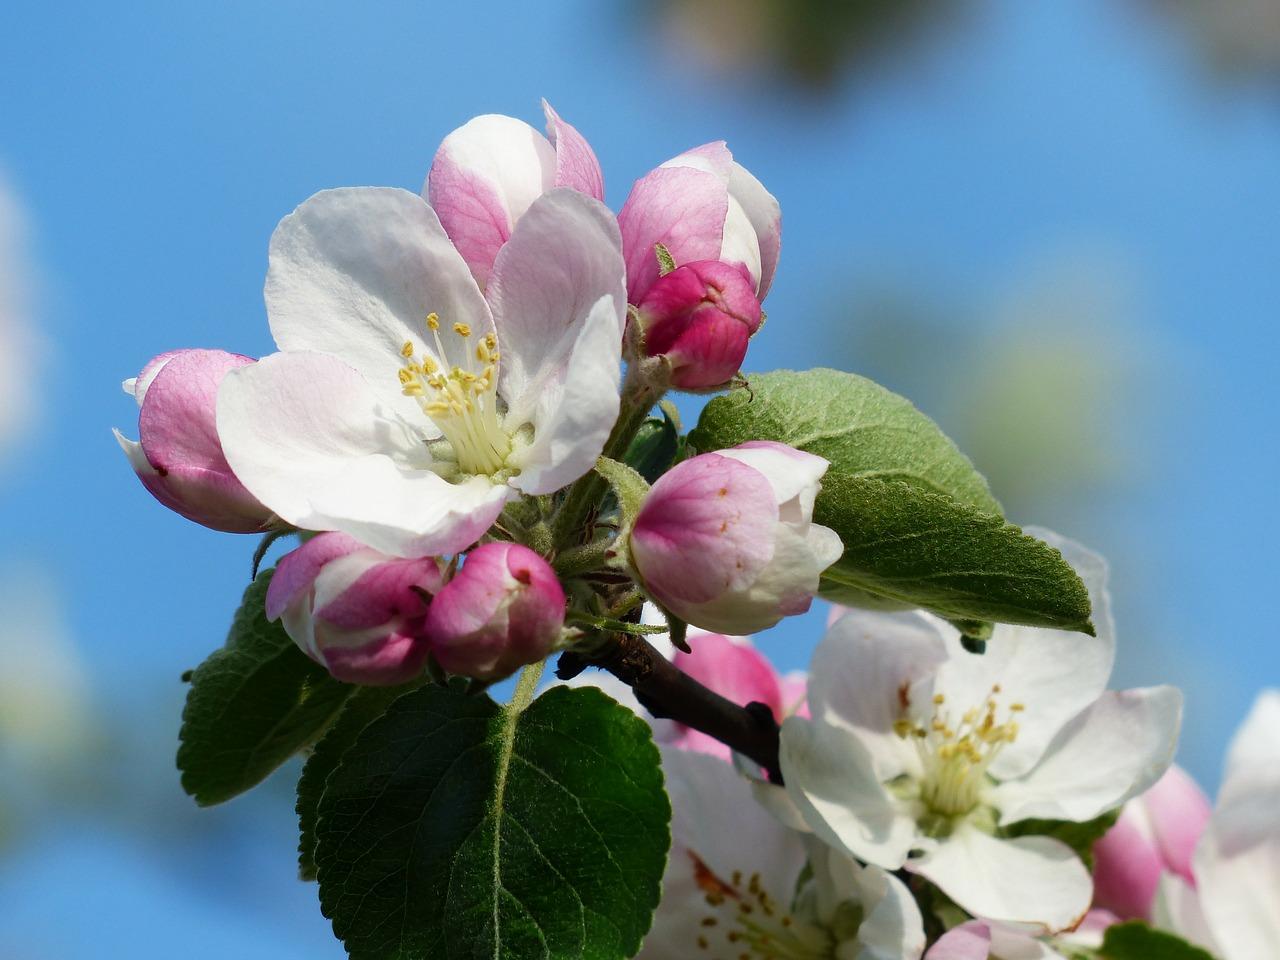 Wiosna to doskonała okazja na zmiany!